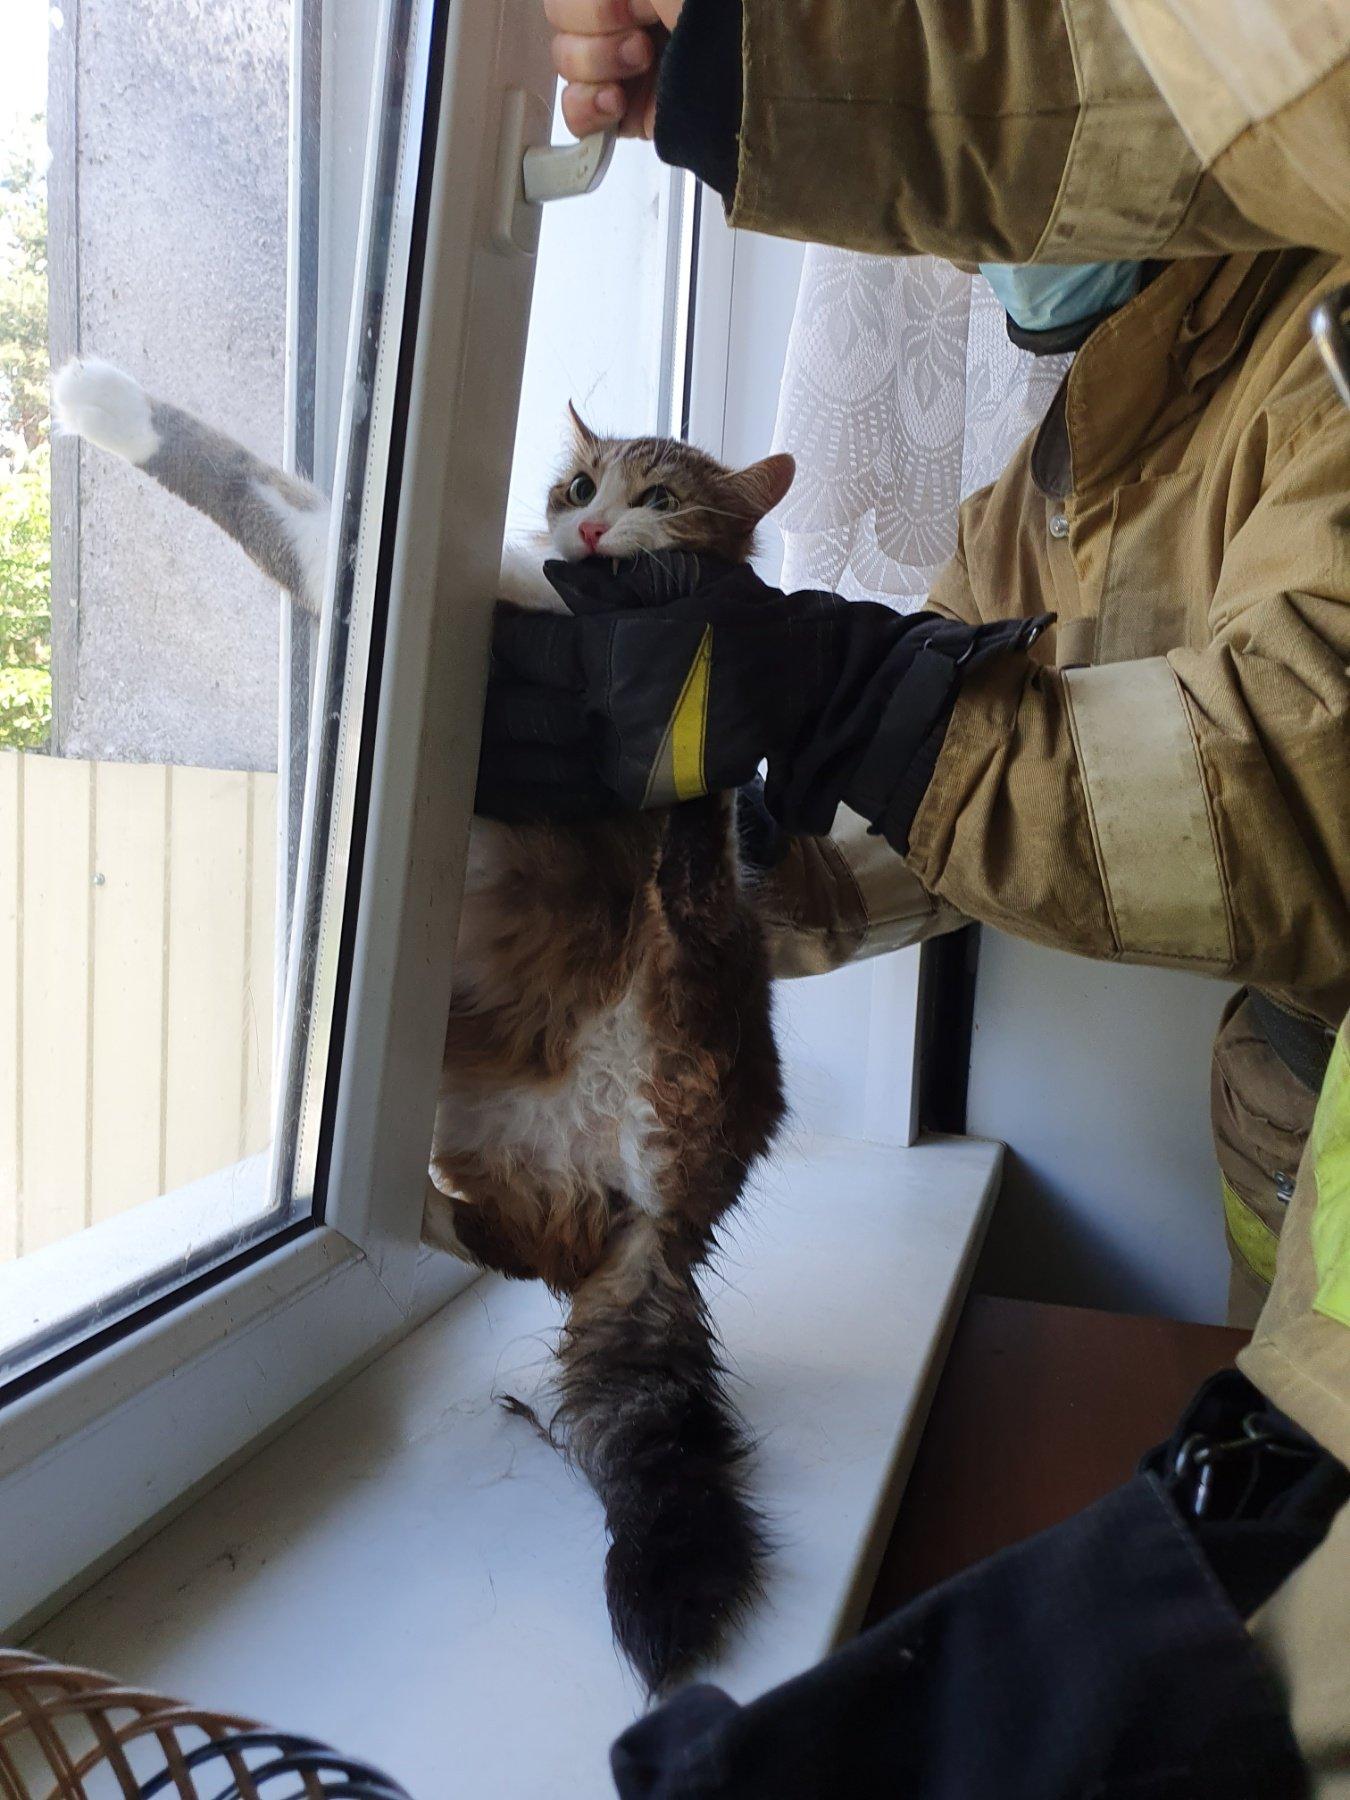 В Новом Осколе спасли застрявшую в оконной раме кошку, фото-1